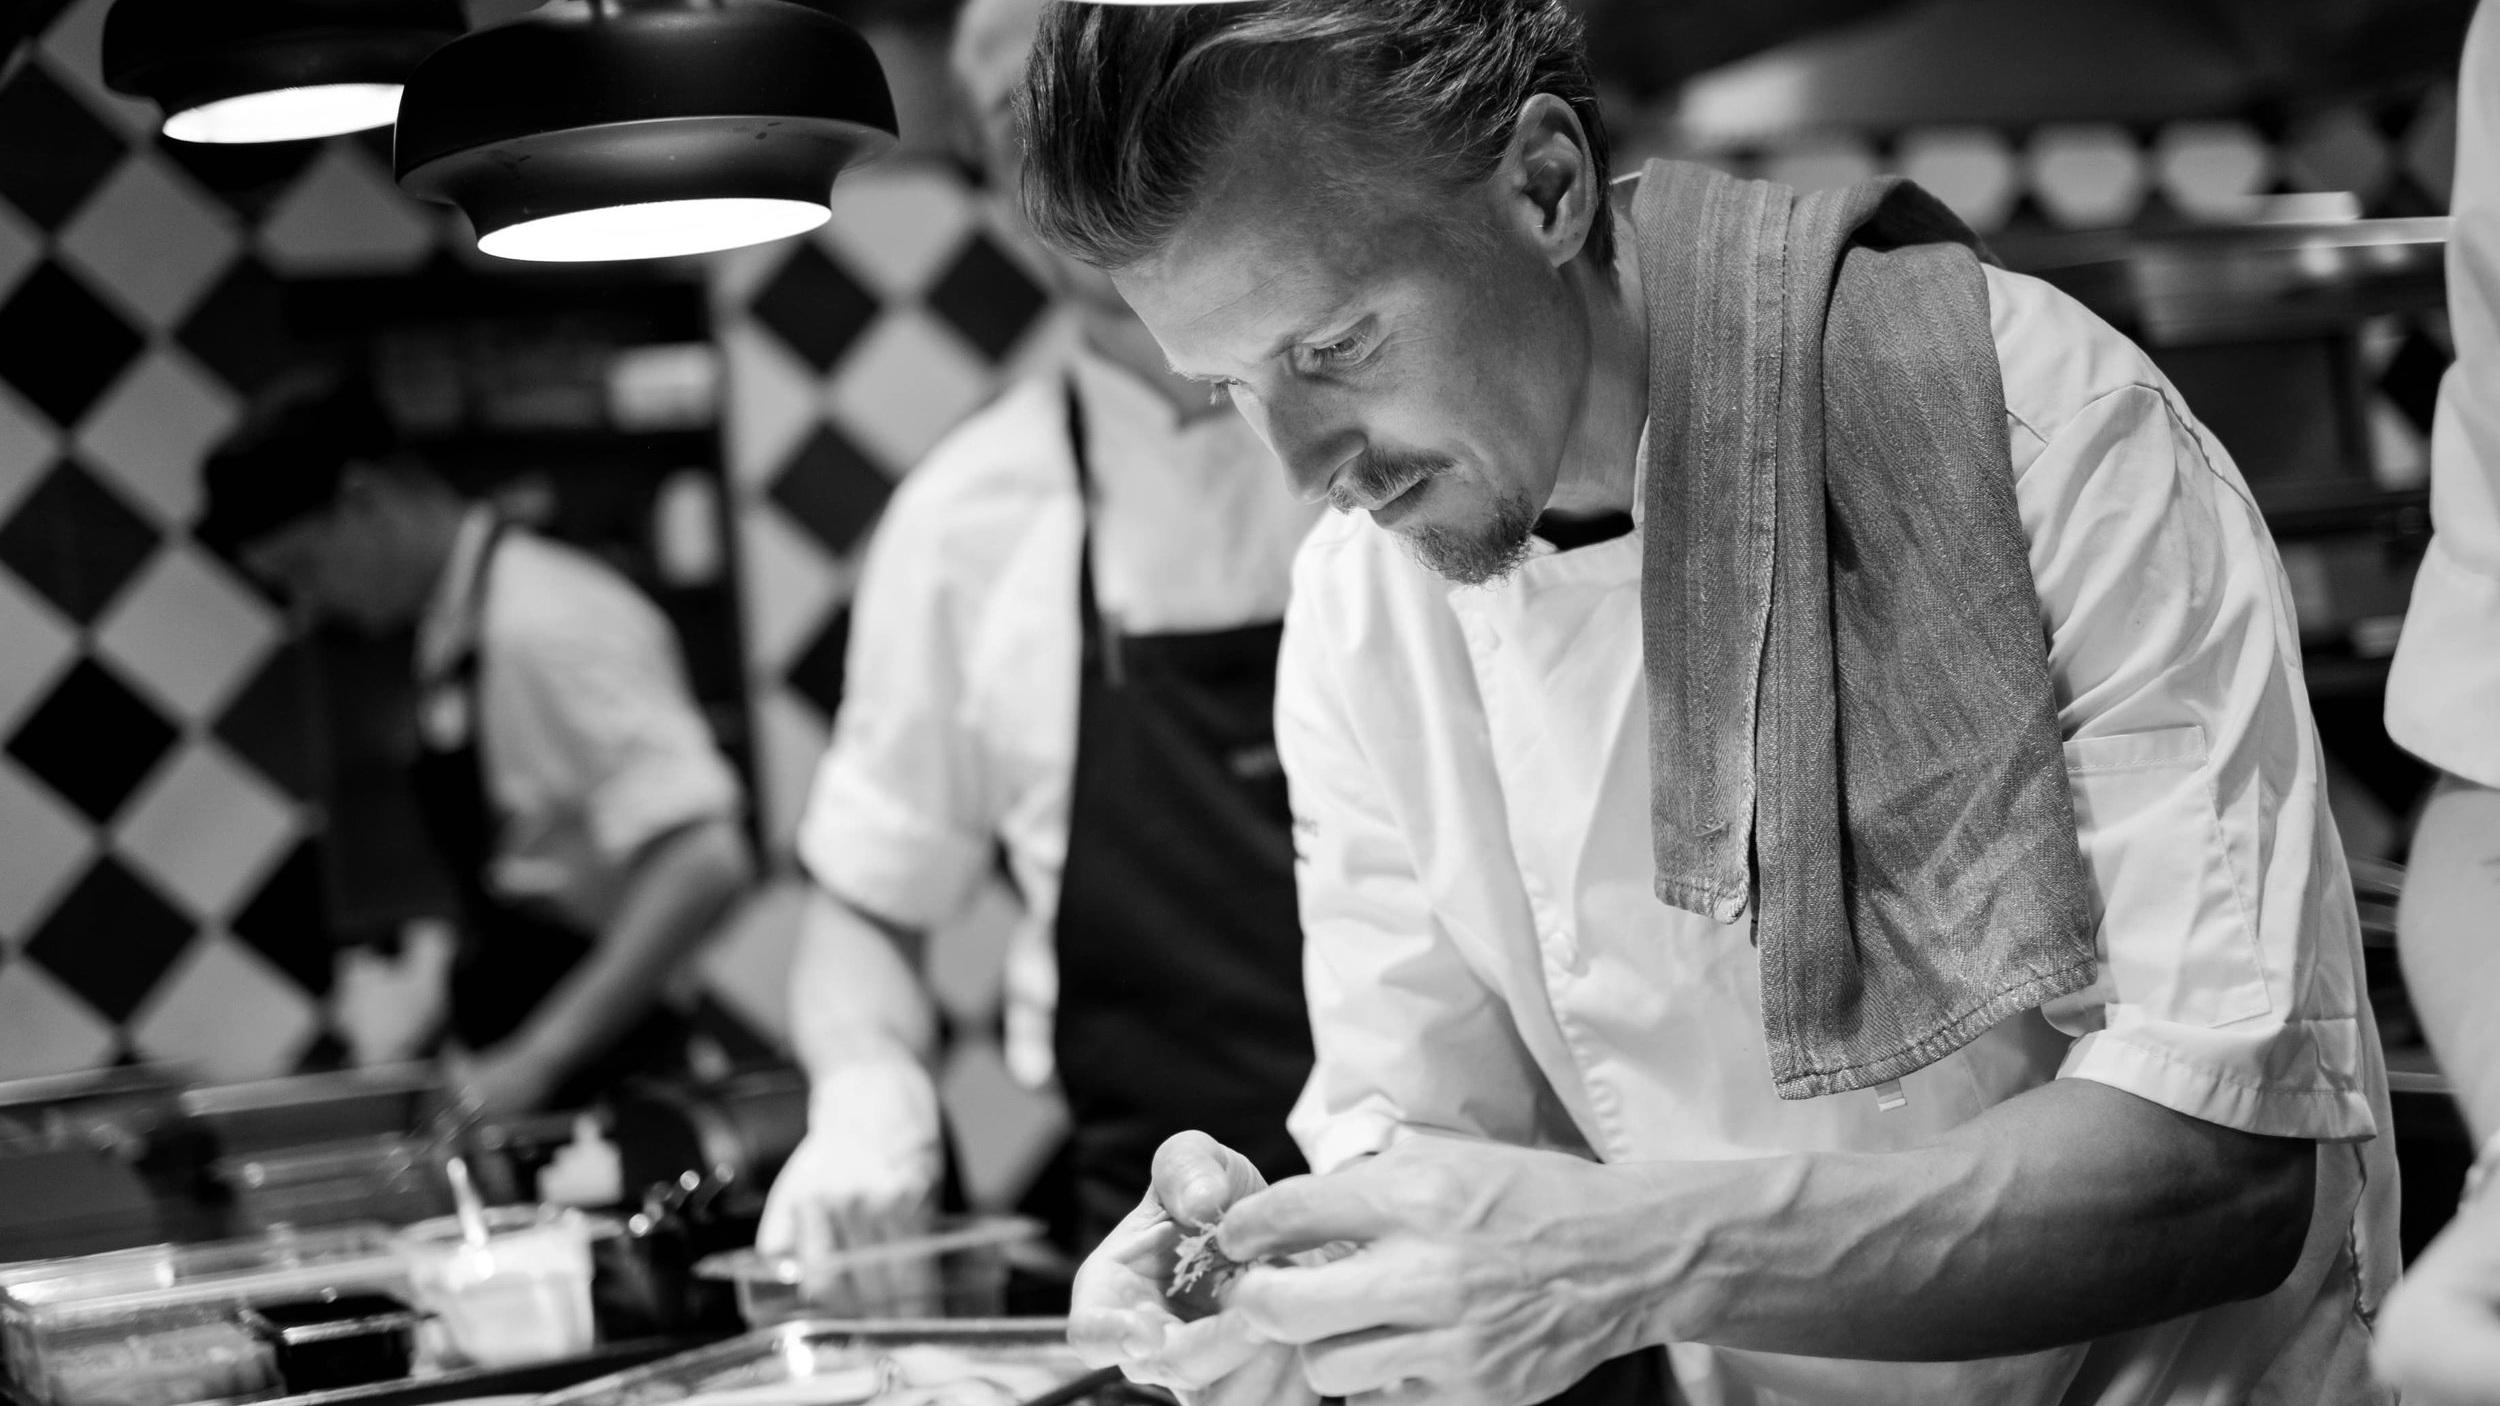 Kokkeskole - Vi tilbyder som de første i Danmark kokkeskoler med landets aller dygtigste køkkenchefer og kokke. Lær at lave signatur-retter fra mestrene selv, hvad end det er dansk, fransk, vietnamesisk eller mexicansk.